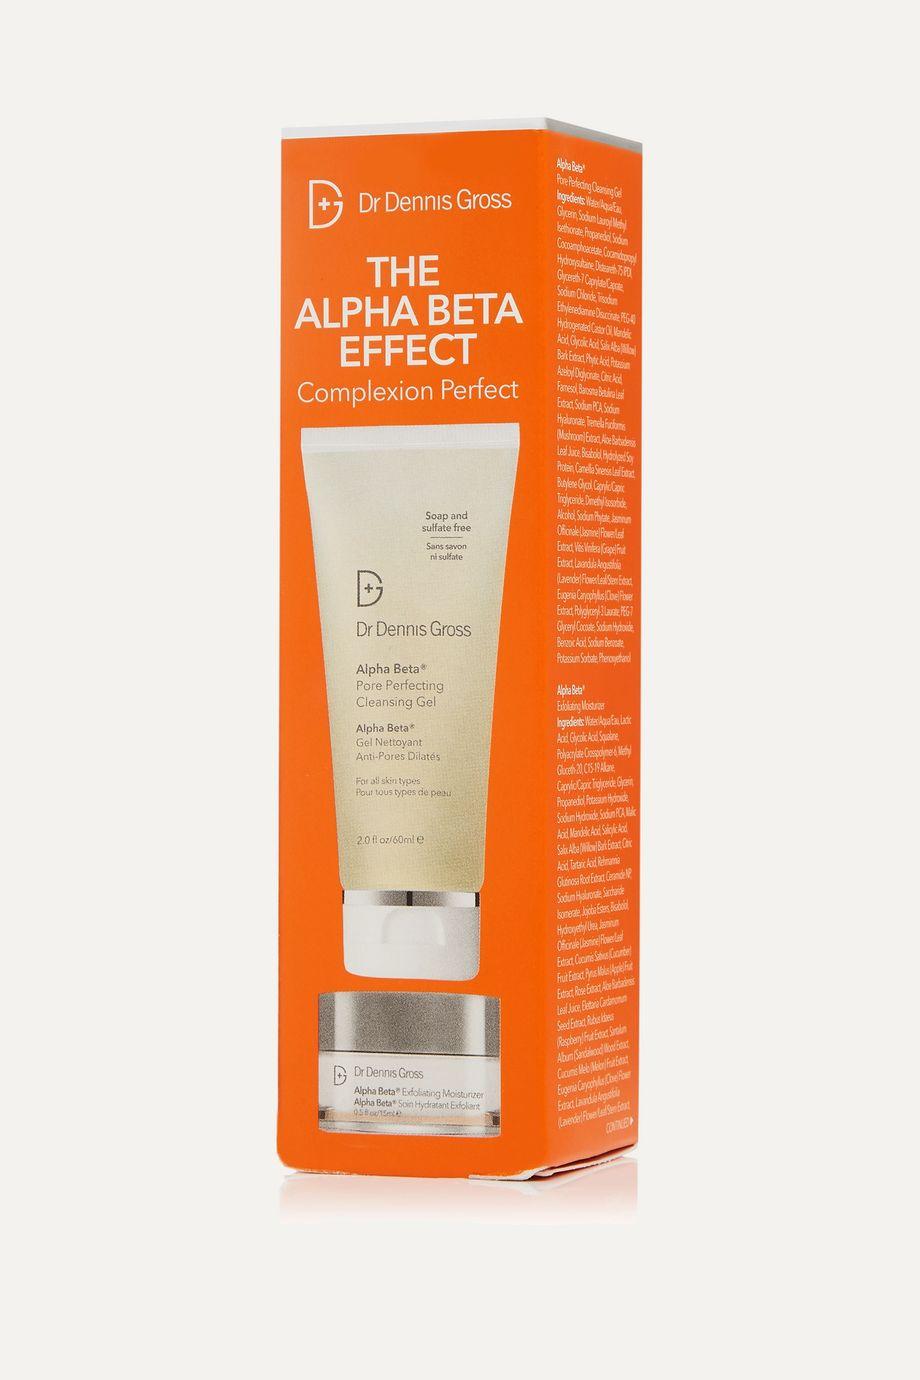 Dr. Dennis Gross Skincare The Alpha Beta Effect Set